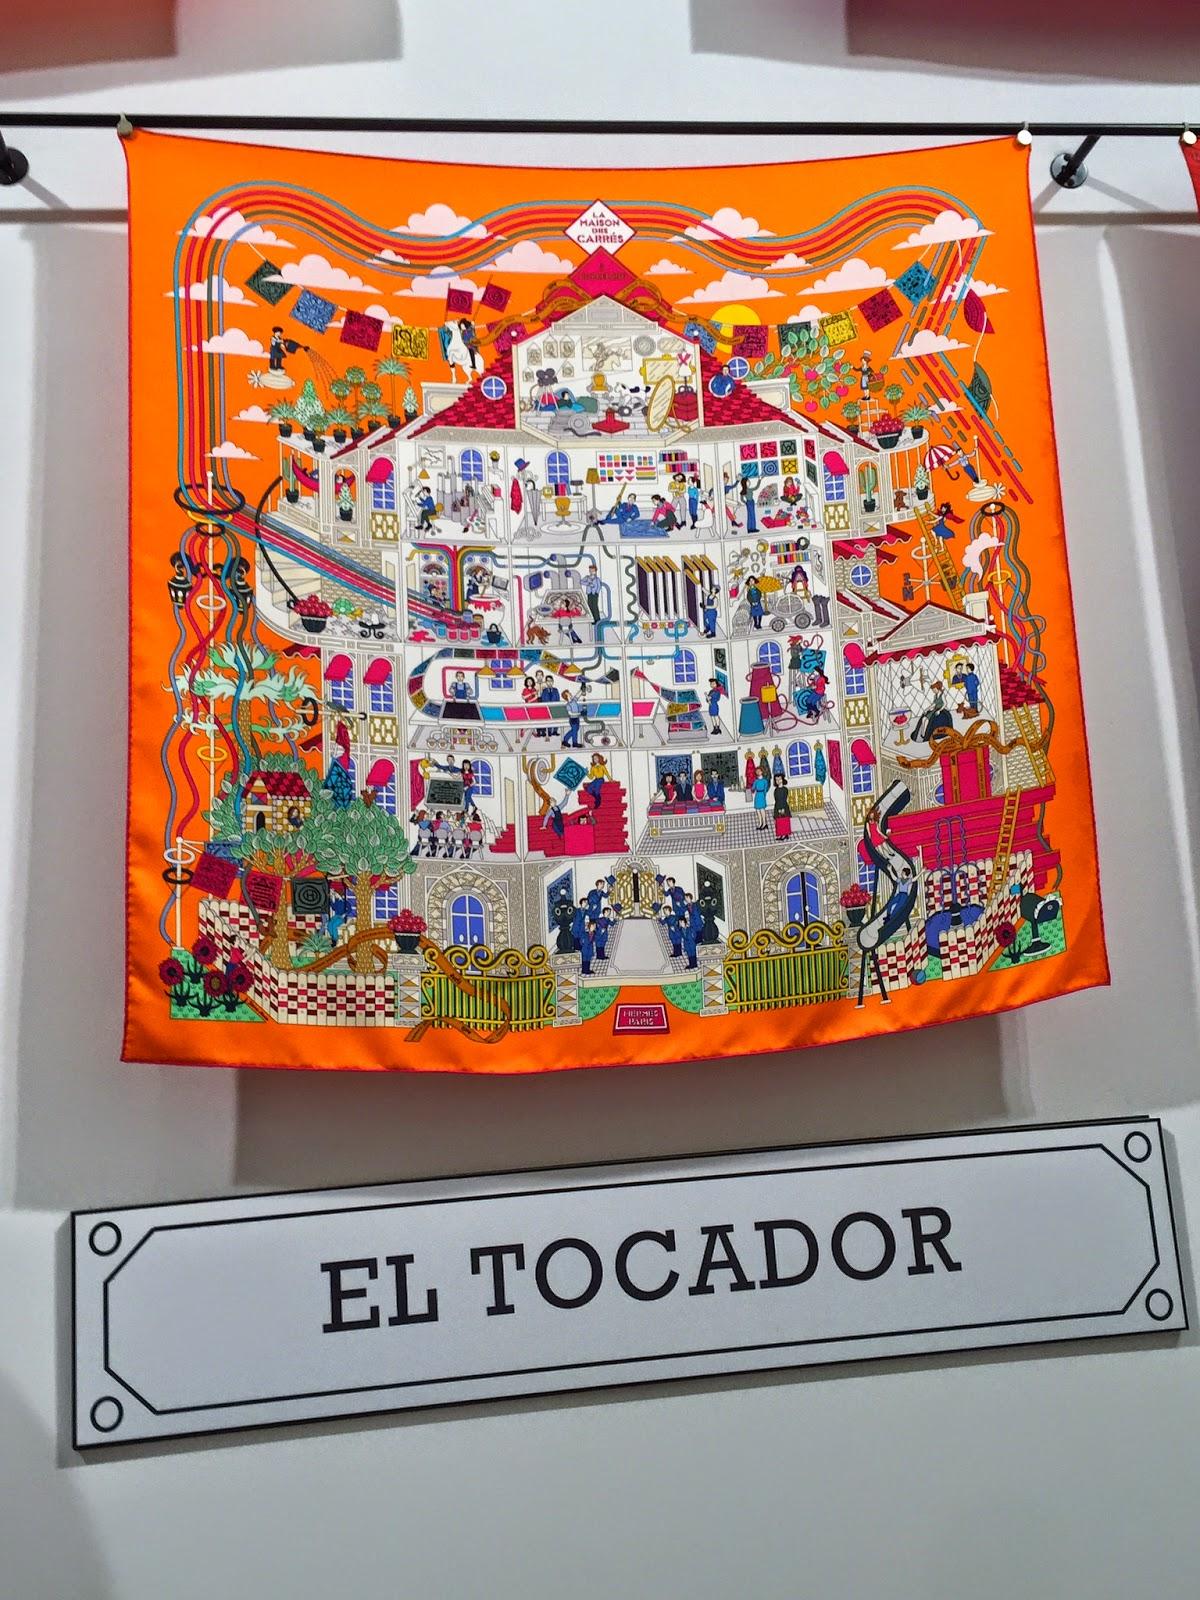 Discover la maison des carr s by herm s a must if you are - La maison barcelona ...